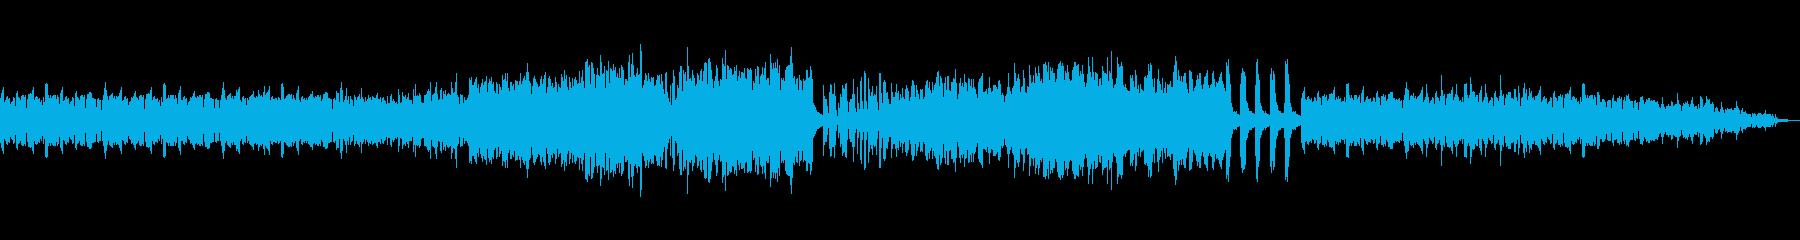 情緒豊かなピアノソロの再生済みの波形